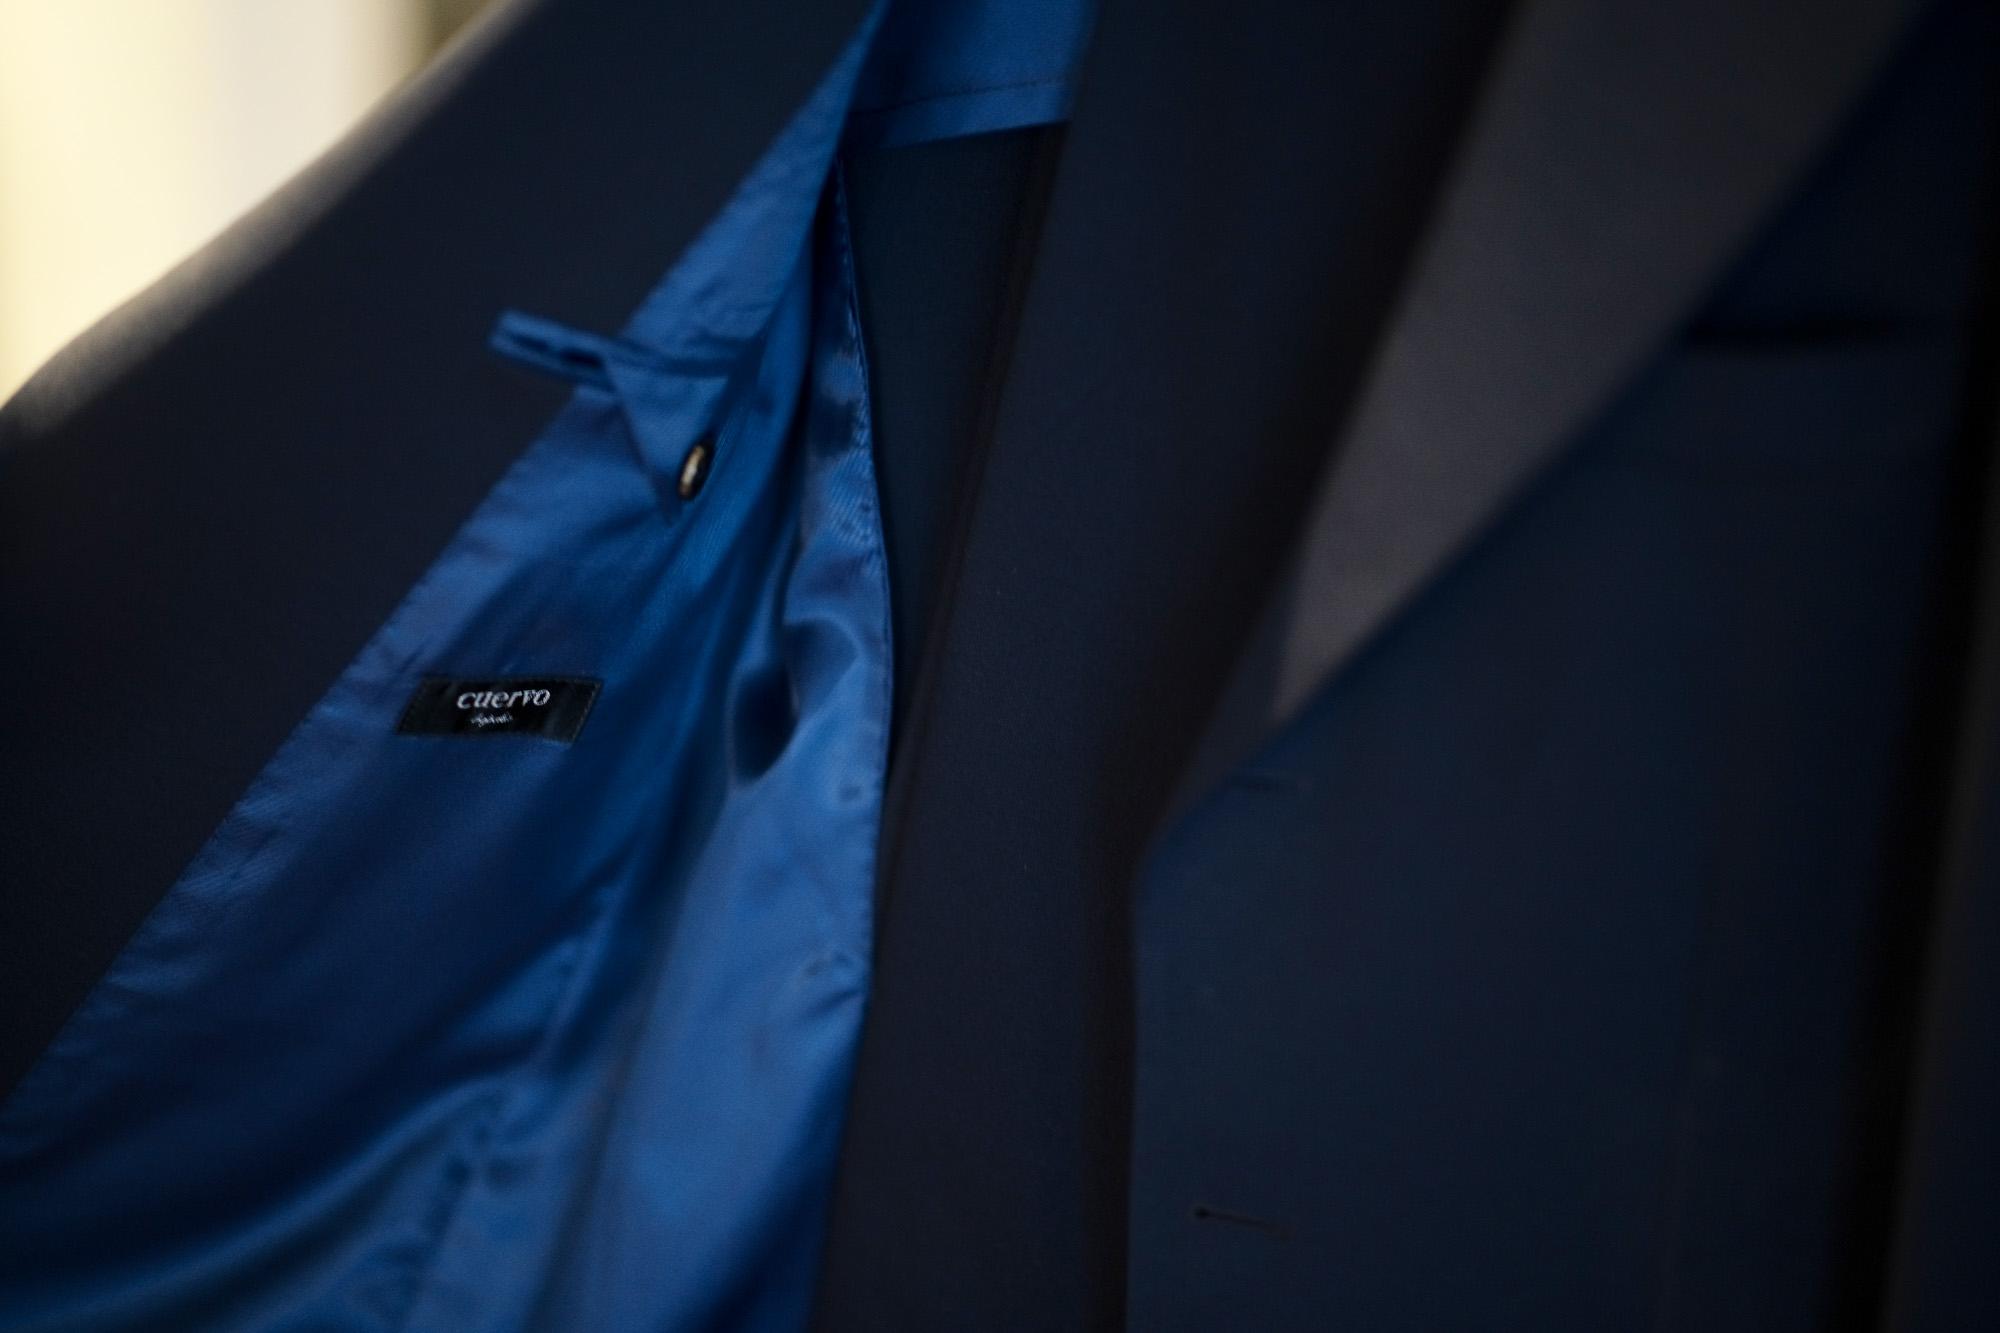 cuervo bopoha(クエルボ ヴァローナ) Sartoria Collection (サルトリア コレクション) Rooster (ルースター) Summer Jersey サマージャージー スーツ NAVY (ネイビー) MADE IN JAPAN (日本製) 2020 【オーダー分入荷】 Summer Jersey サマージャージー オーダースーツ 愛知 名古屋 altoediritto アルトエデリット